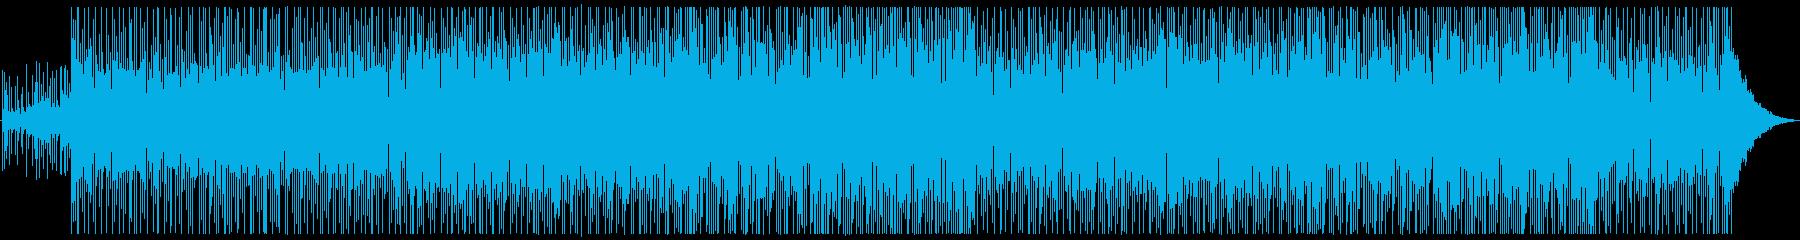 心地よいフリーソウルフュージョンの再生済みの波形